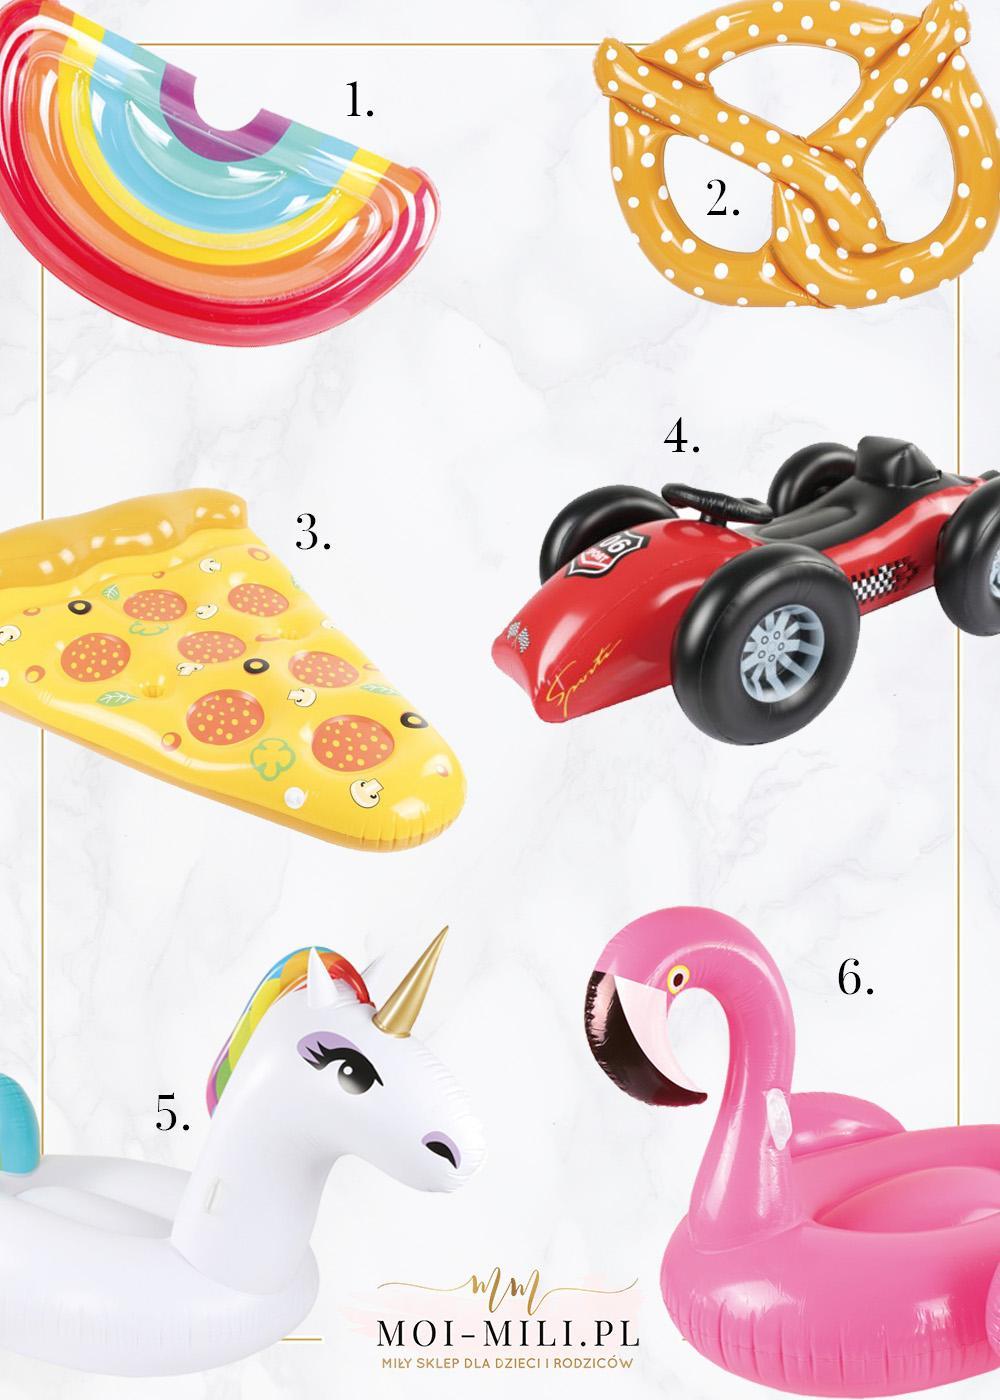 Dmuchane zabawki do wody to prawdziwy hit, nie tylko dla dzieci.